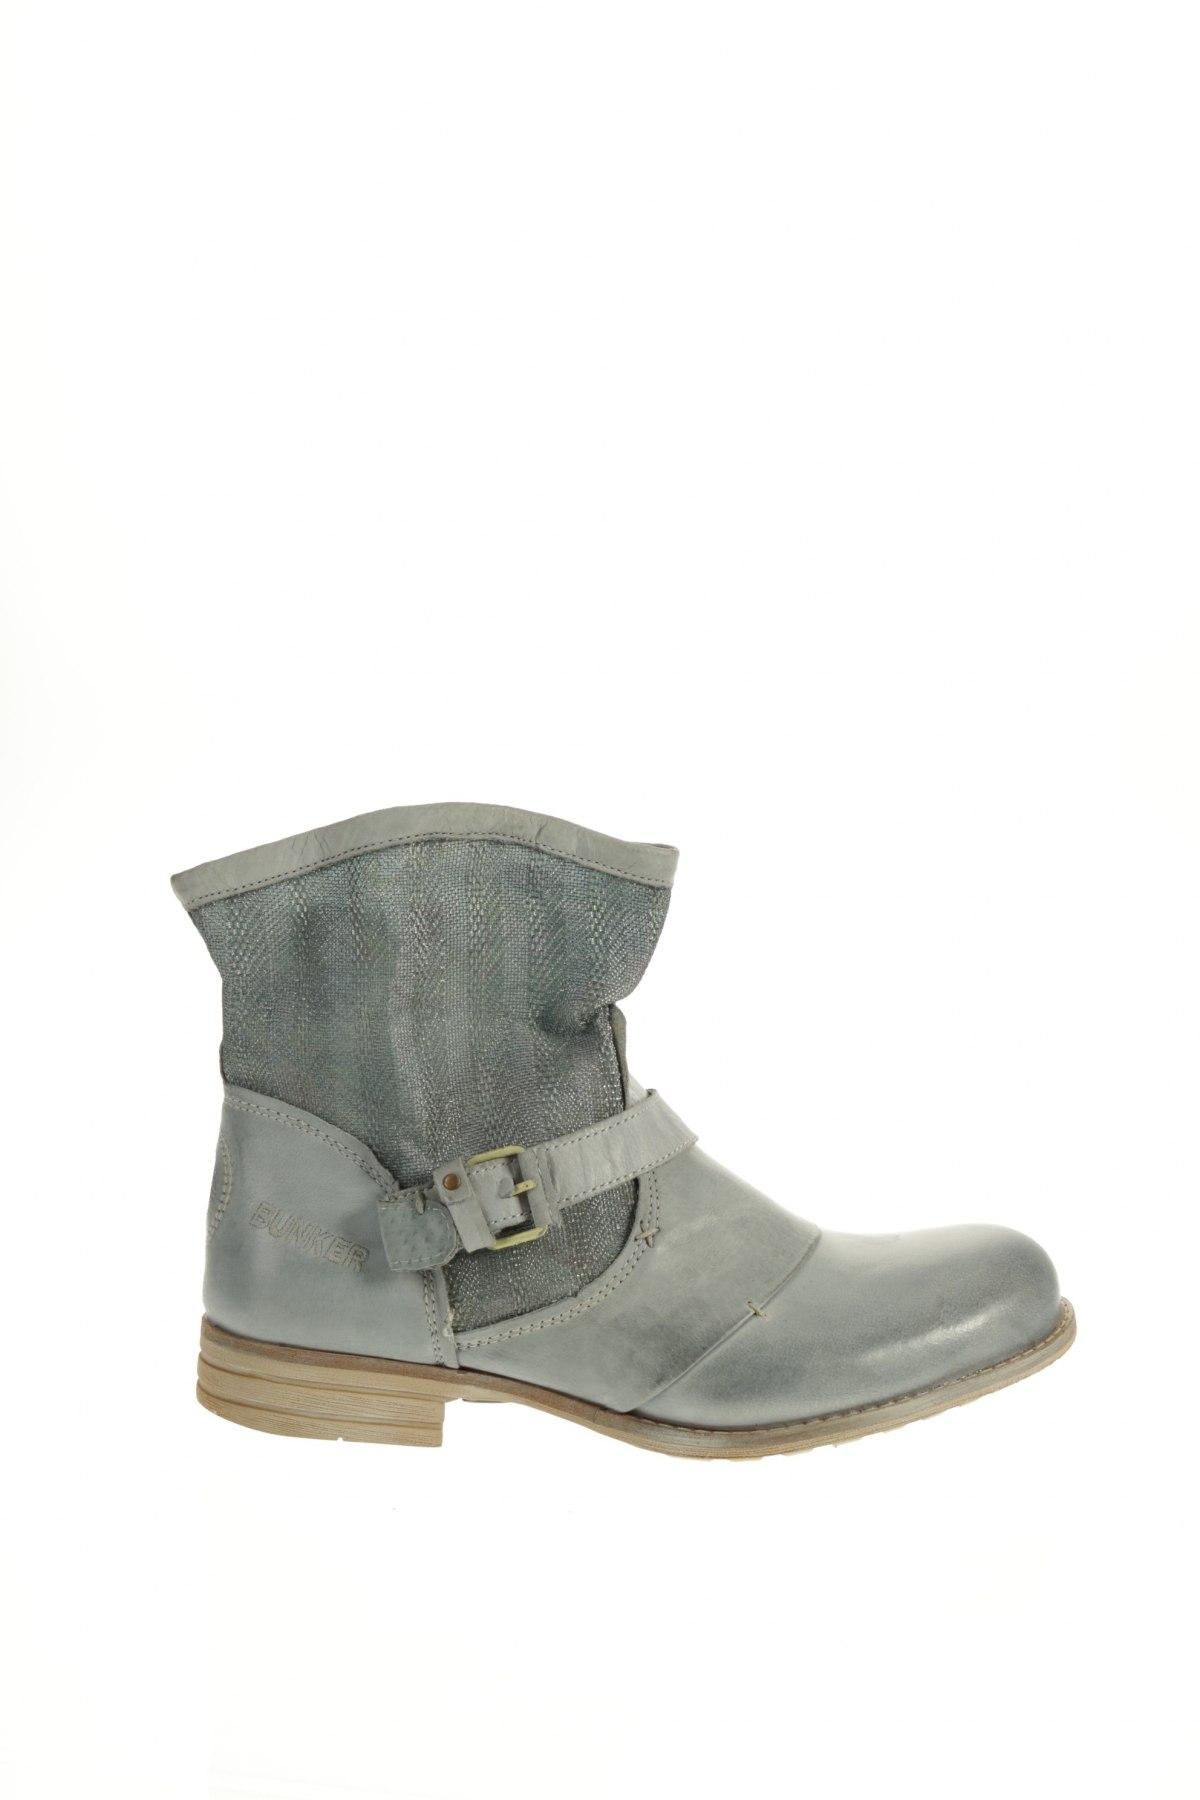 dfcf62ff86fa8 Damskie botki Bunker Footwear - kup w korzystnej cenie na Remix ...